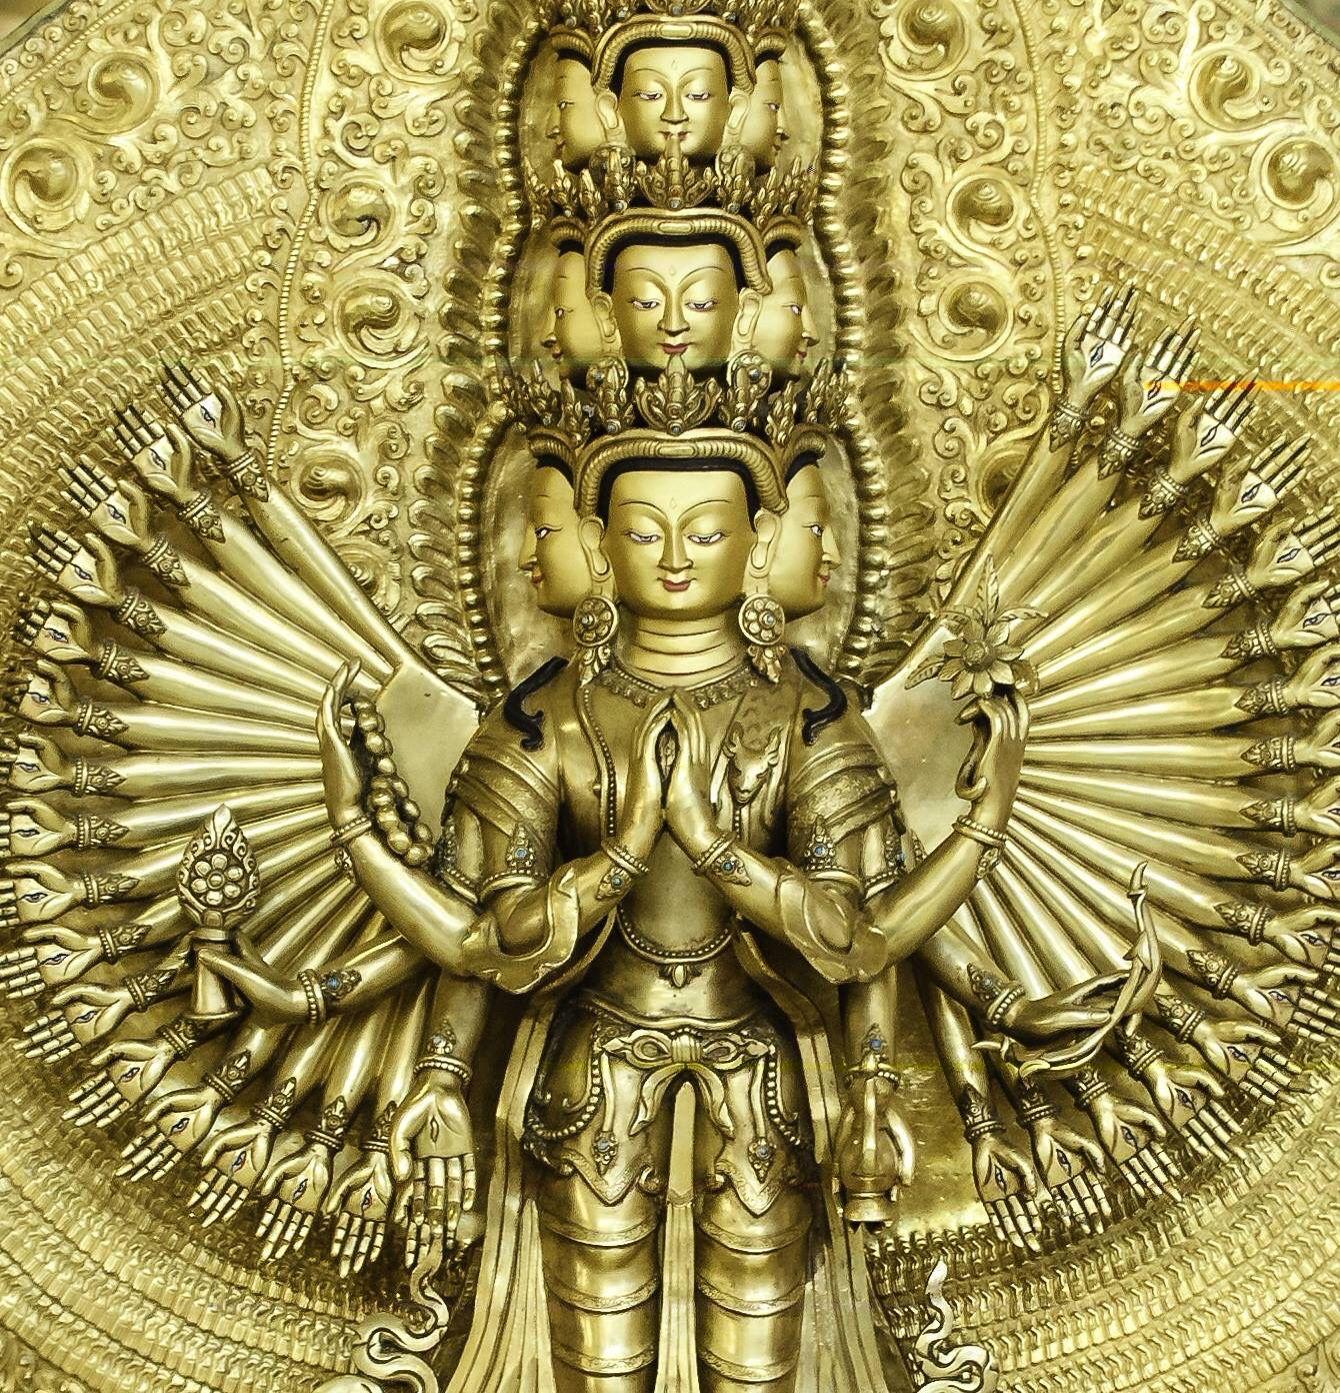 1000 armed Avalokiteshvara